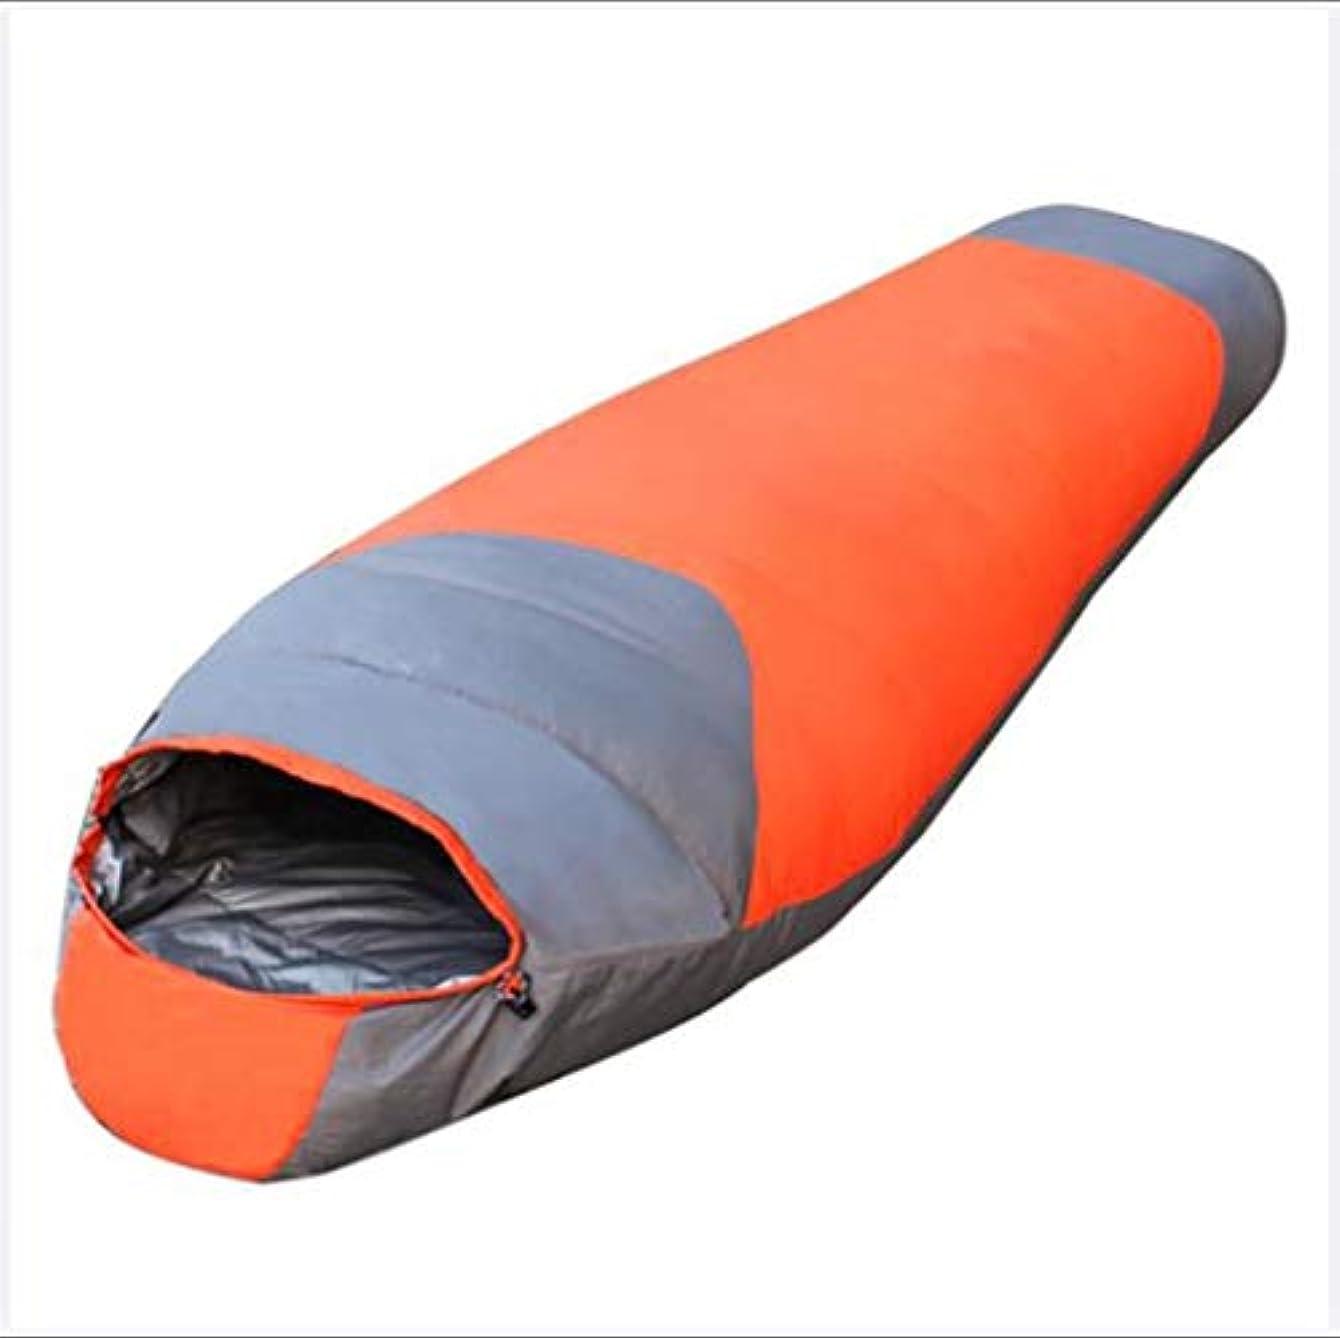 ネスト温かい証明2200gダウン寝袋アウトドアキャンプの寝袋(赤、緑、青)